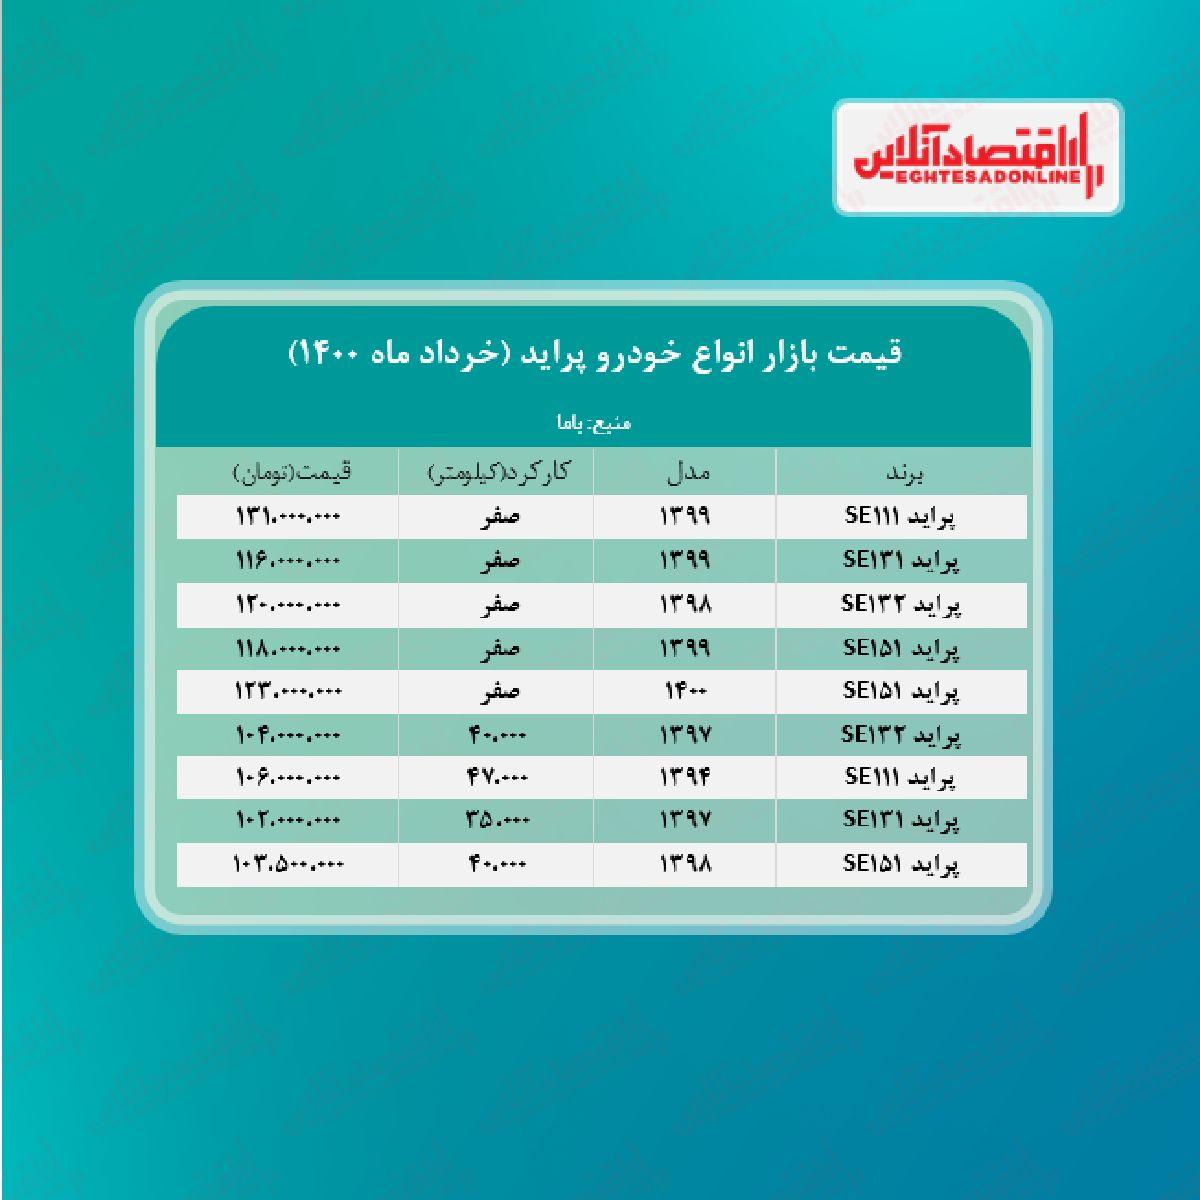 قیمت پراید امروز شانزدهم خرداد + جدول